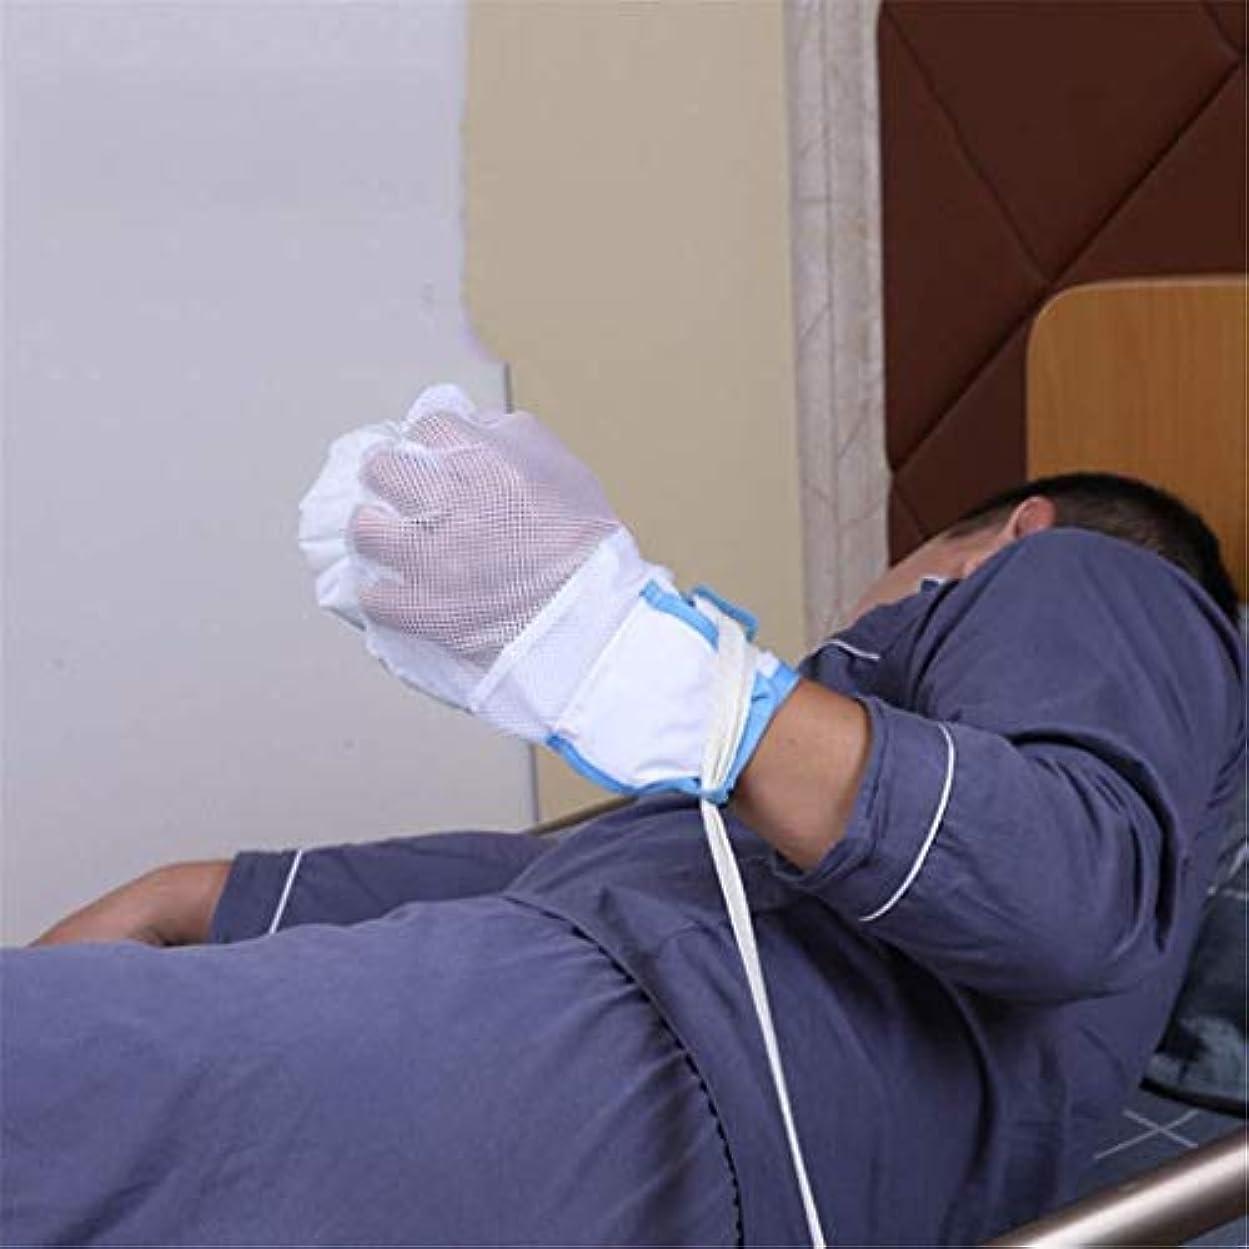 安心再び会計医療用拘束具患者用フィンガーコントロールミット、ハンドプロテクター感染防止安全装置パッド入りミット